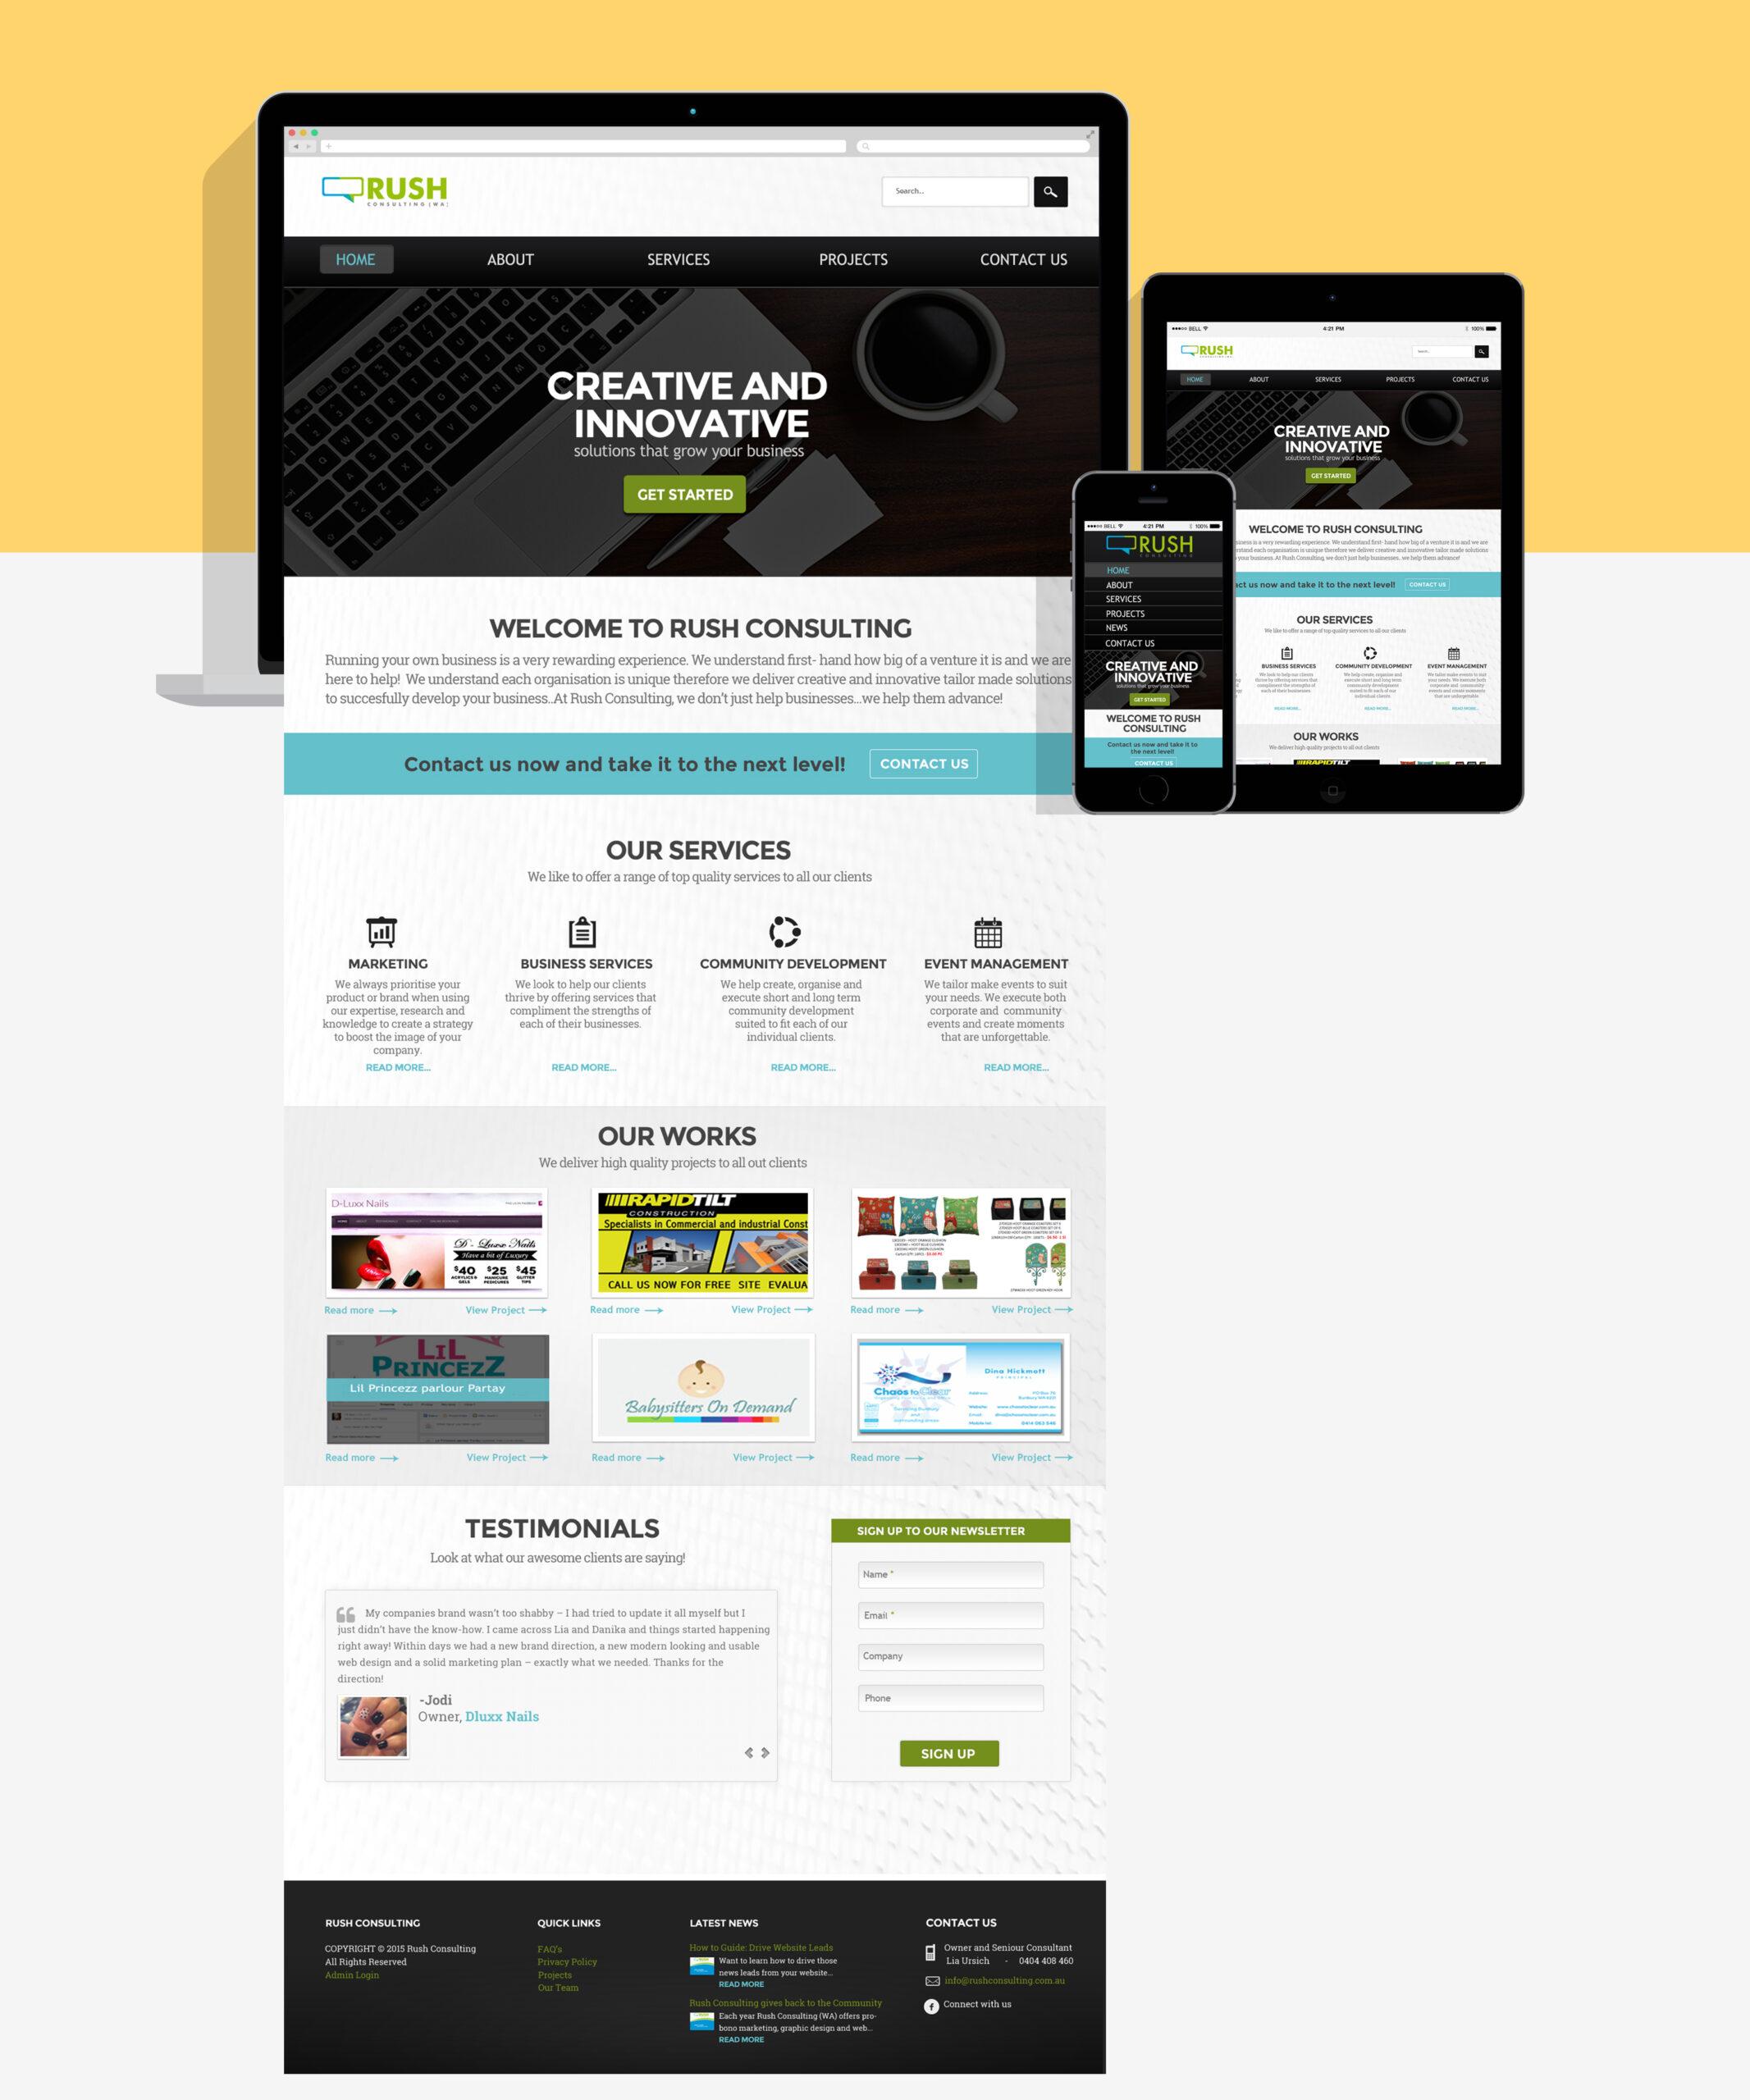 rush-consulting-website-re-design